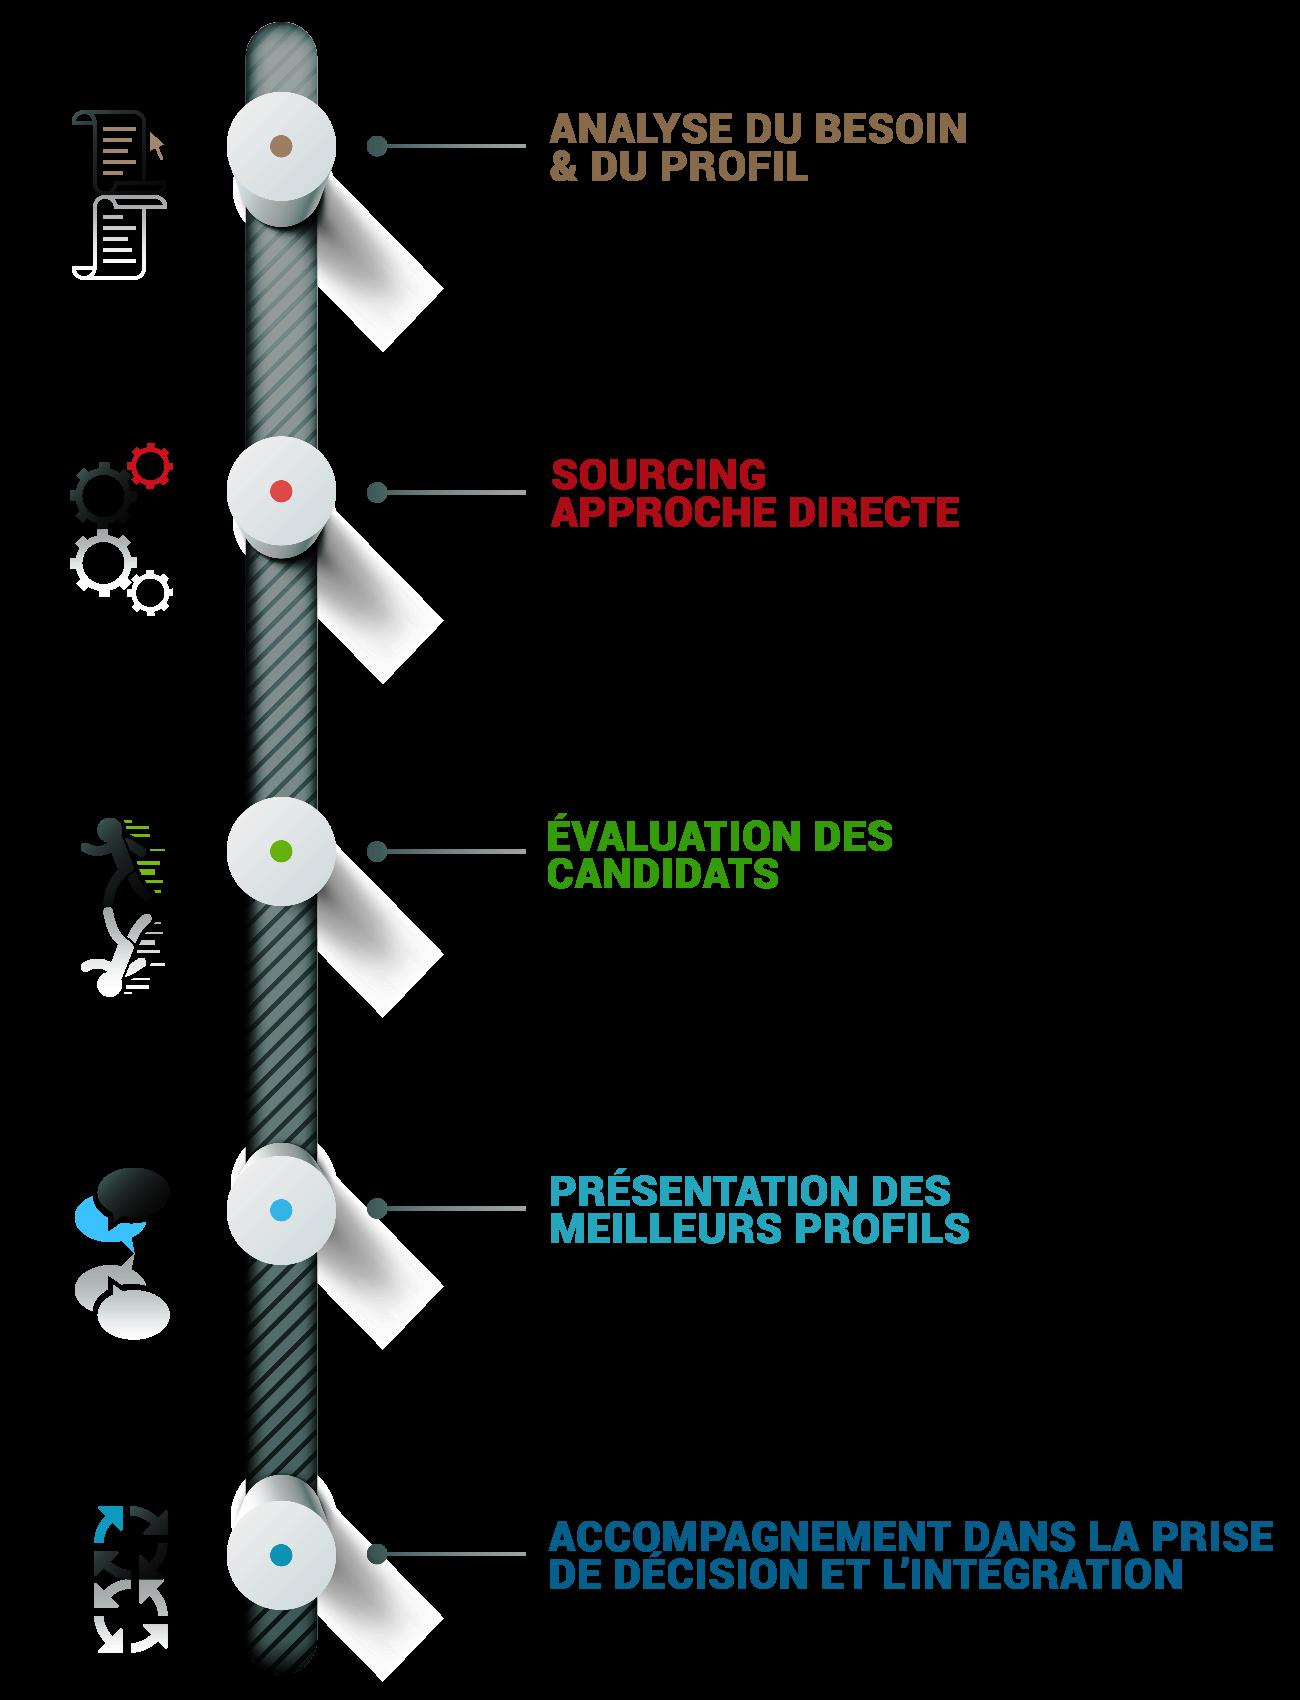 http://altemis-conseil.fr/wp-content/uploads/2015/09/Altémis-infographie-méthode-de-recrutement-1-1.png